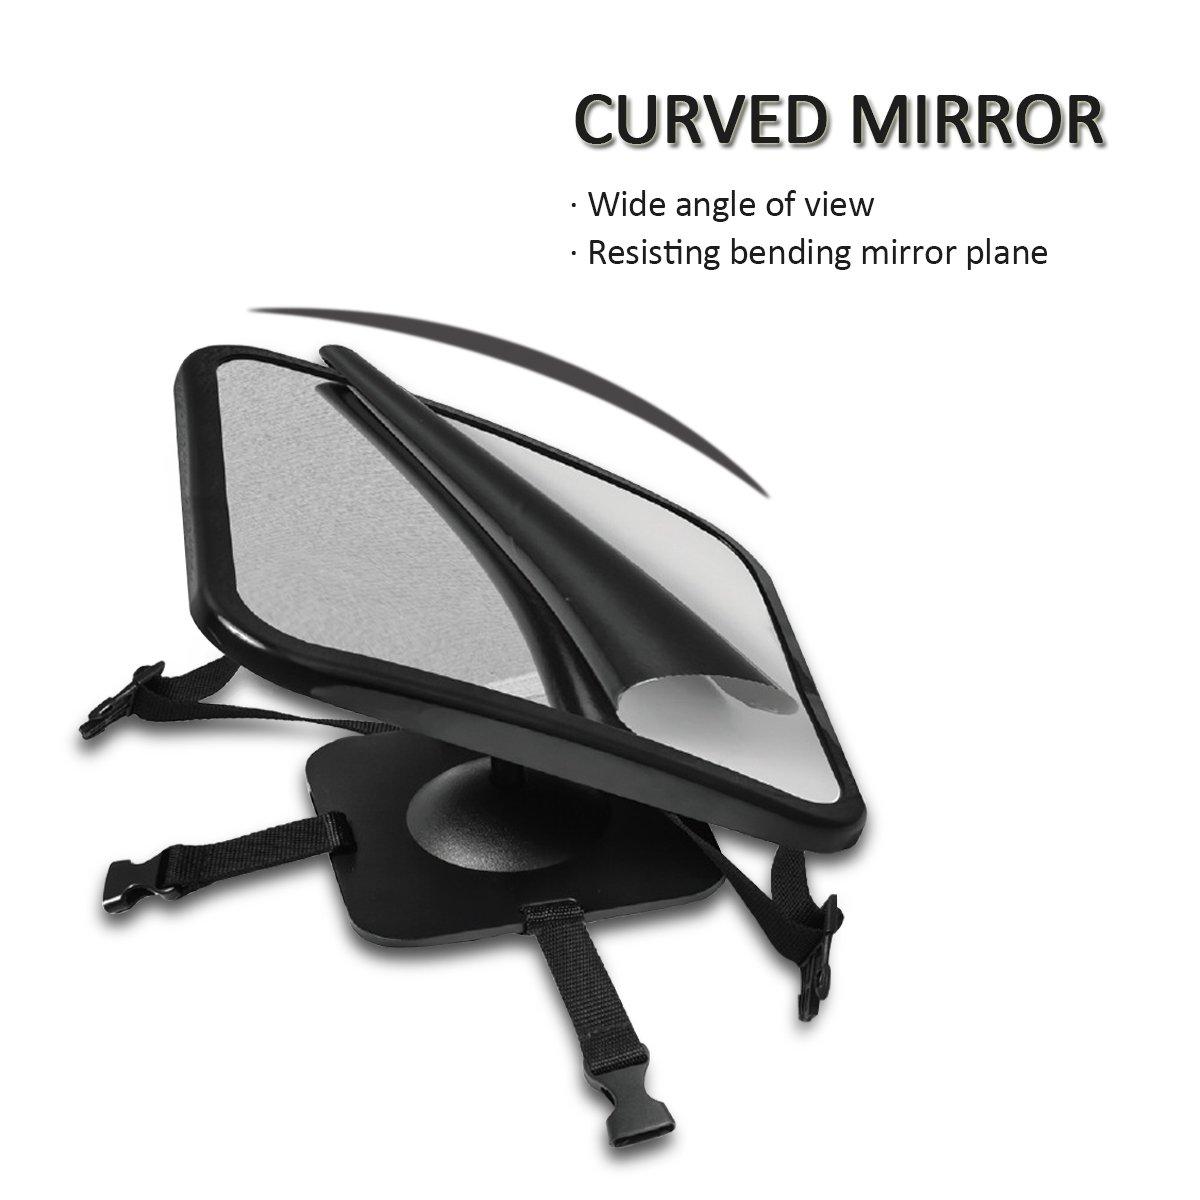 SONARIN Premium Quality Baby Car Mirror Negro Espejos para asientos traseros,se adapta a cualquier reposacabezas ajustable,visi/ón clara del beb/é en el asiento trasero del autom/óvil,rotaci/ón de 360 /°